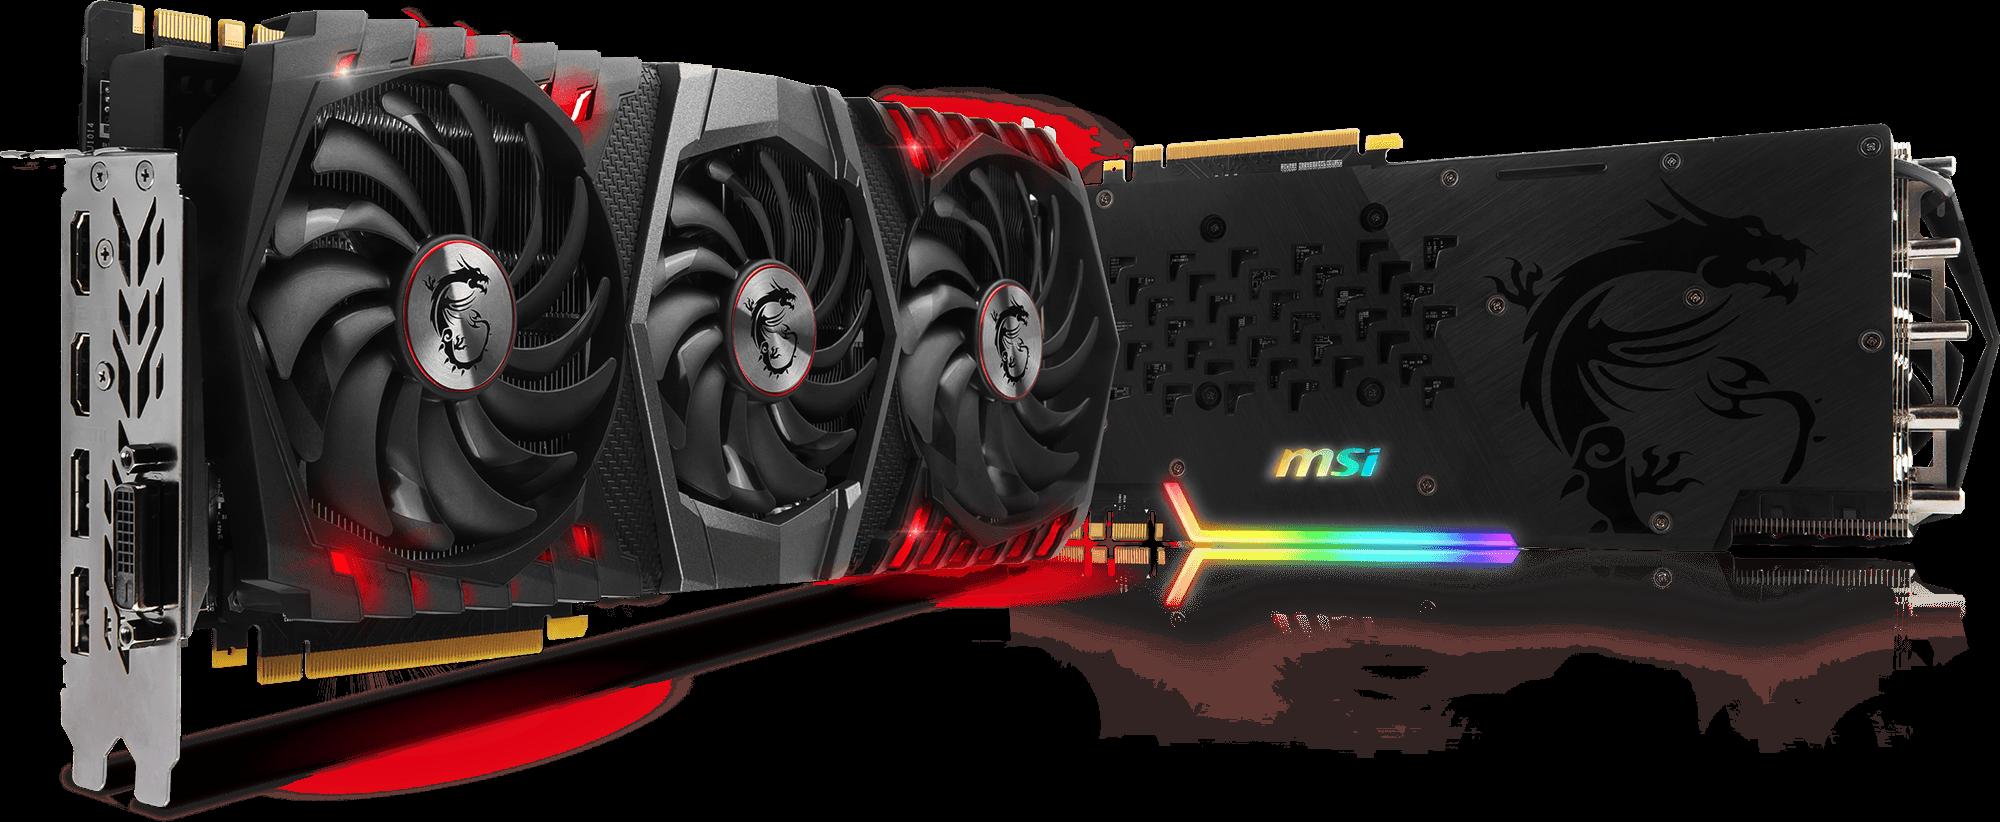 MSI GeForce GTX 1080 Ti GAMING X TRIO  TECH $729.99